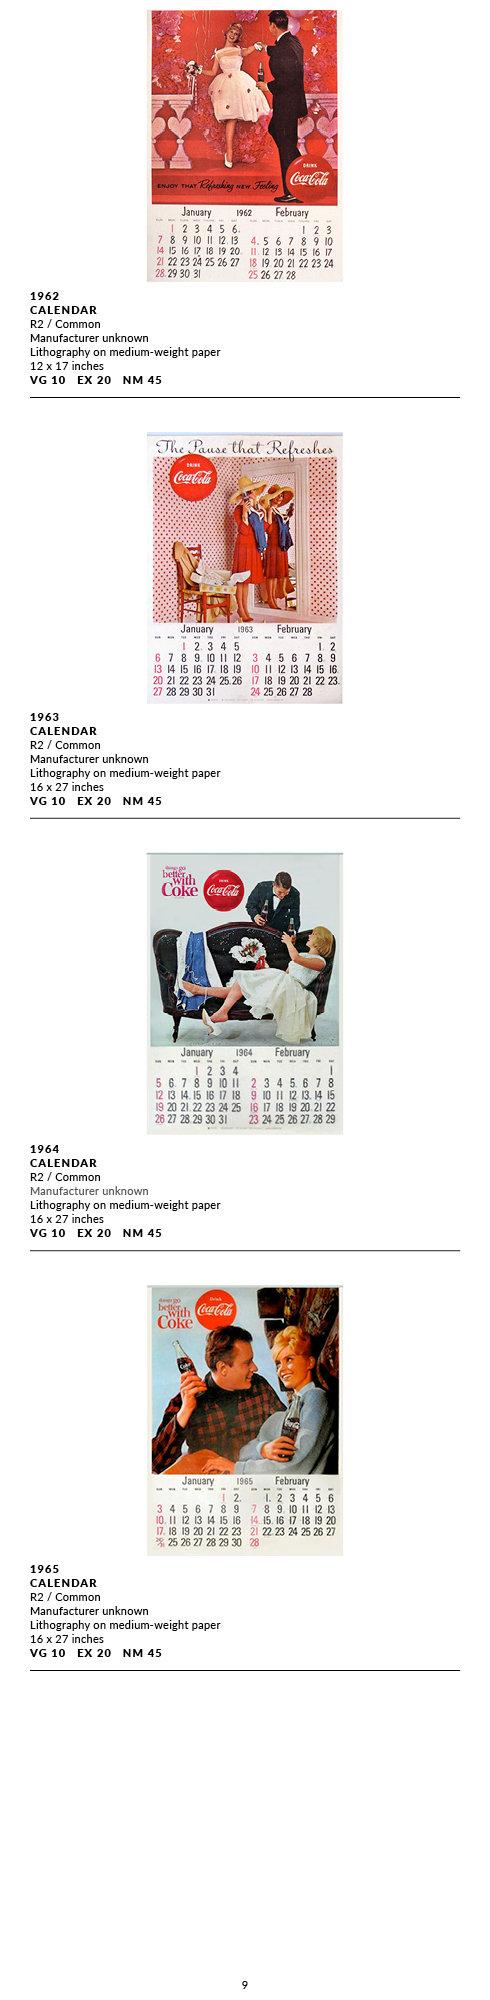 Calendars 1930-1969 (2021)9.jpg